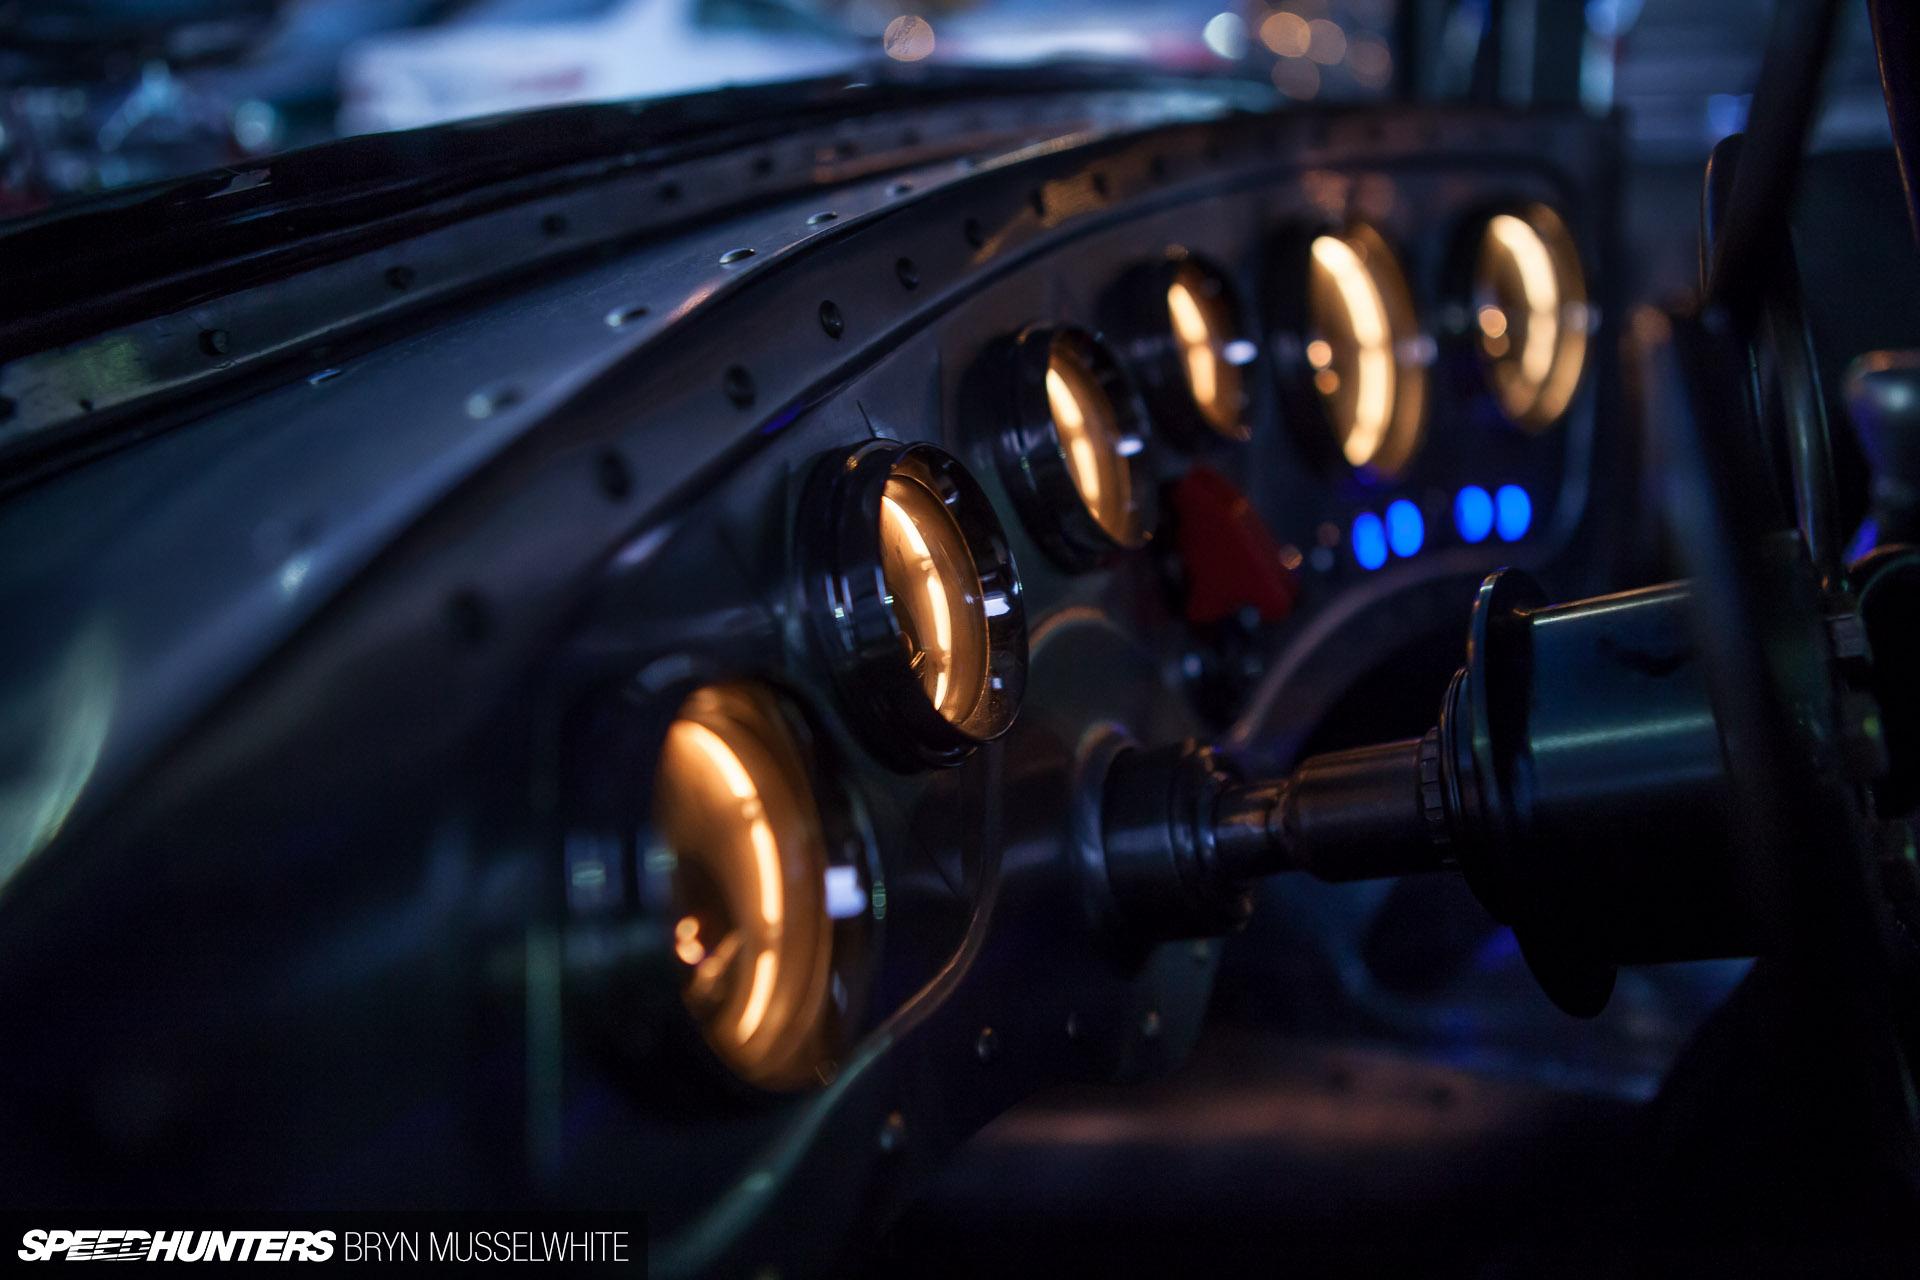 Ford Model A Rat Rod Rods Hot Custom Retro Interior Lights Truck Bokeh G Wallpaper 1920x1280